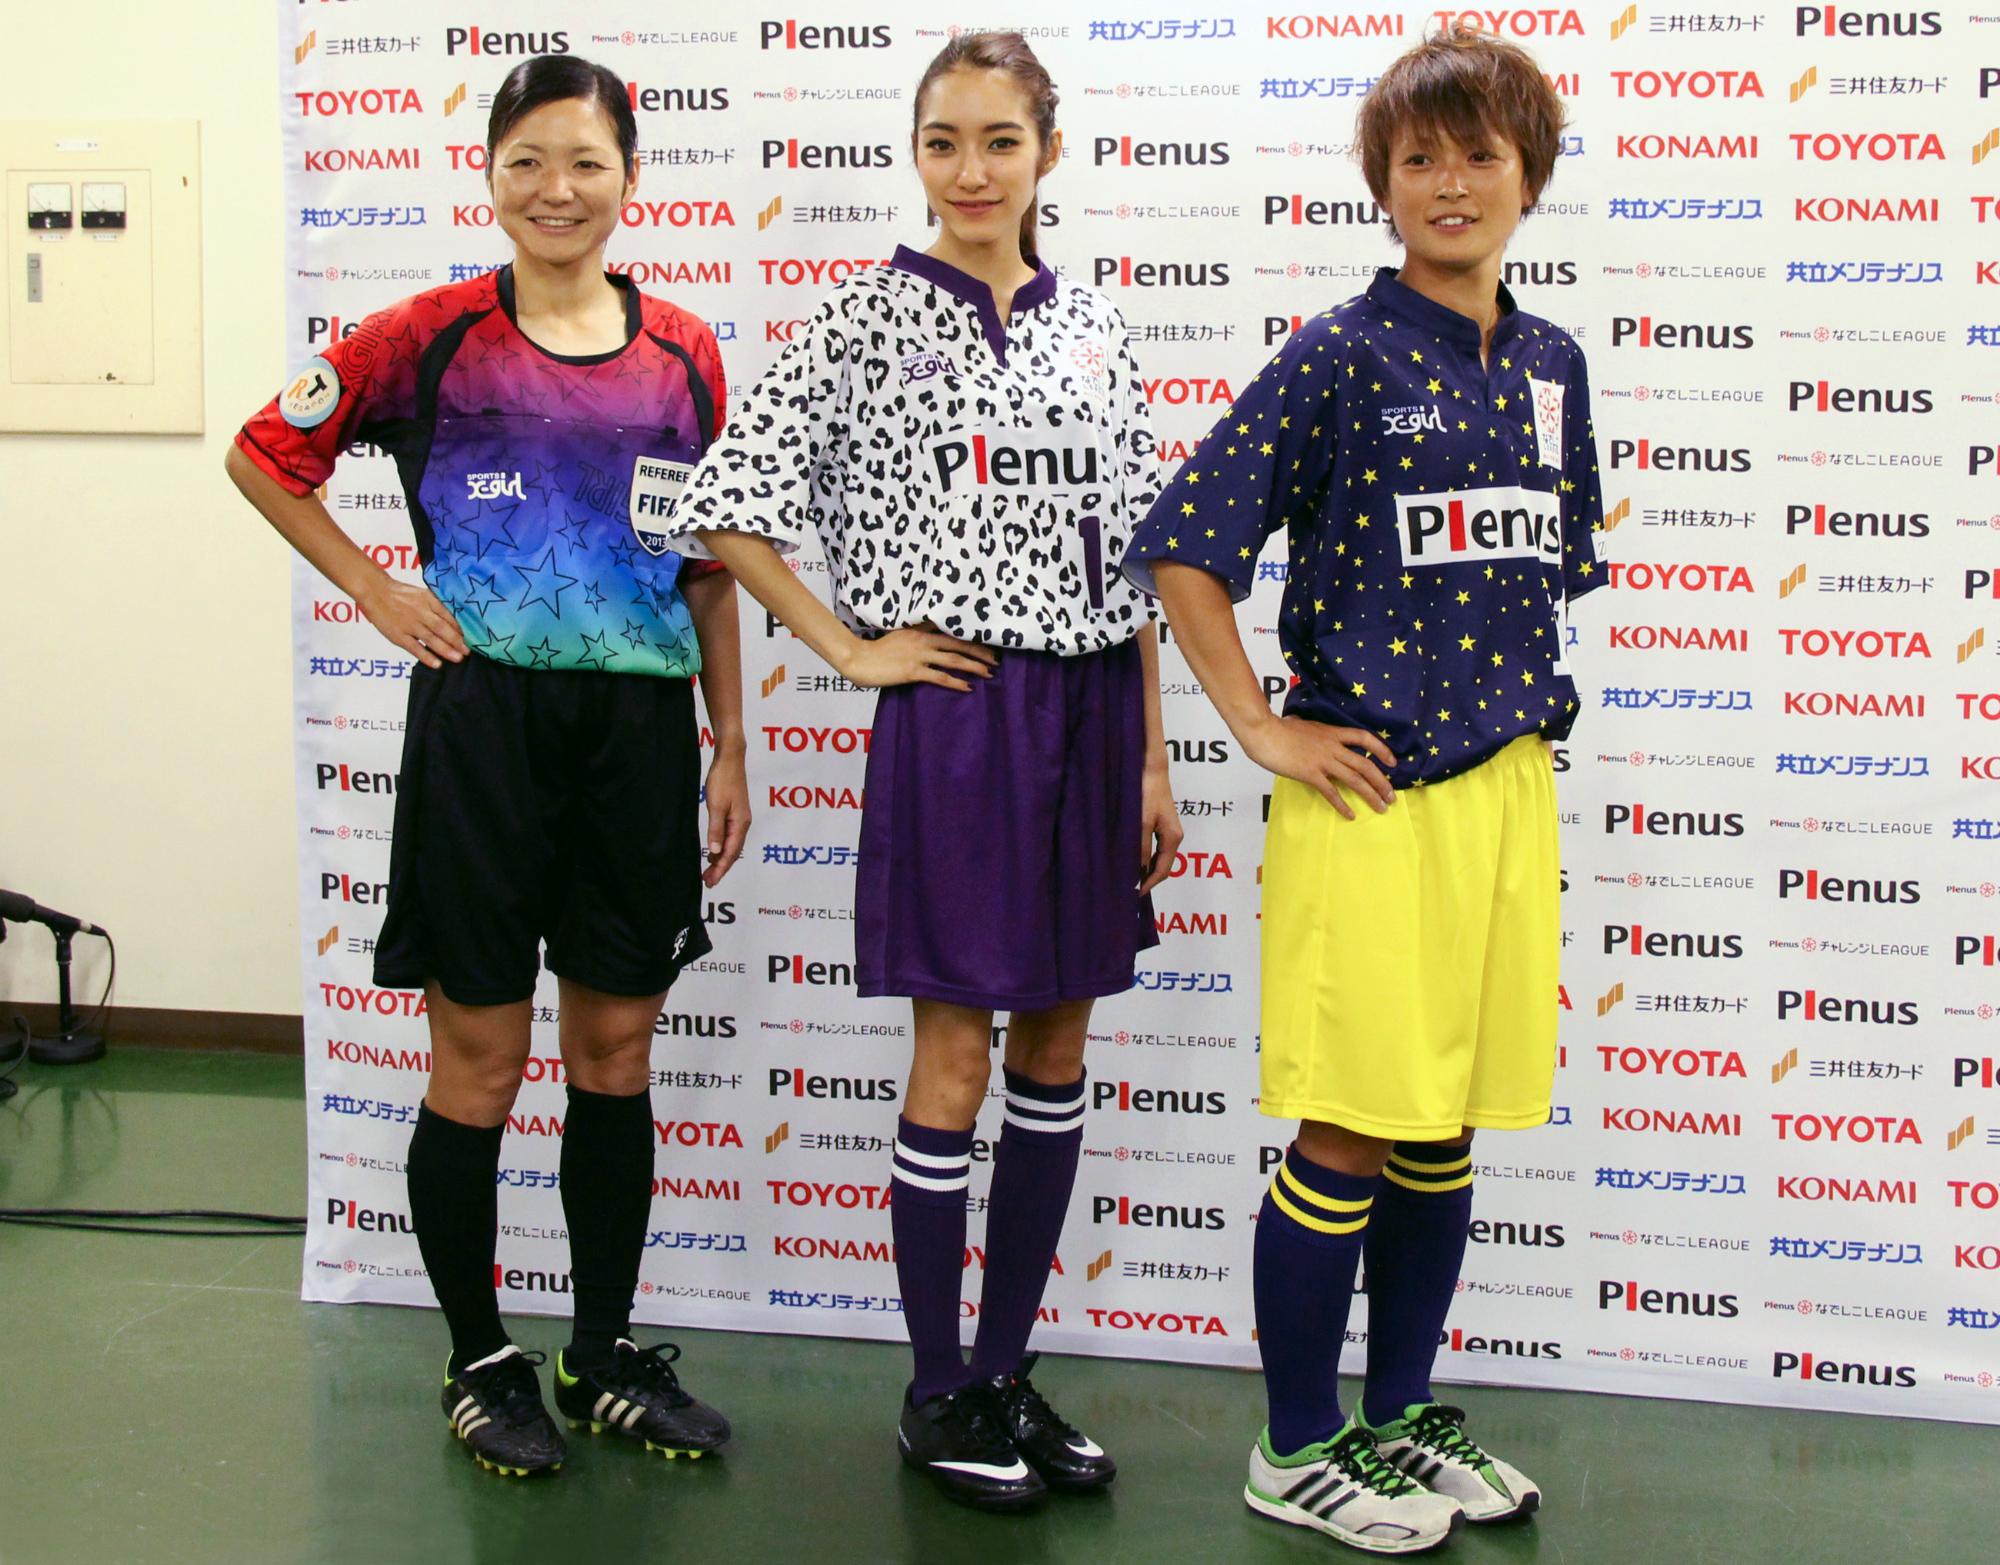 日本女子サッカーリーグ初! 人気ブランドX-girl Sportsがなでしこリーグオールスター2013のユニフォームをデザイン! ZOZOUSEDでチャリティ販売!